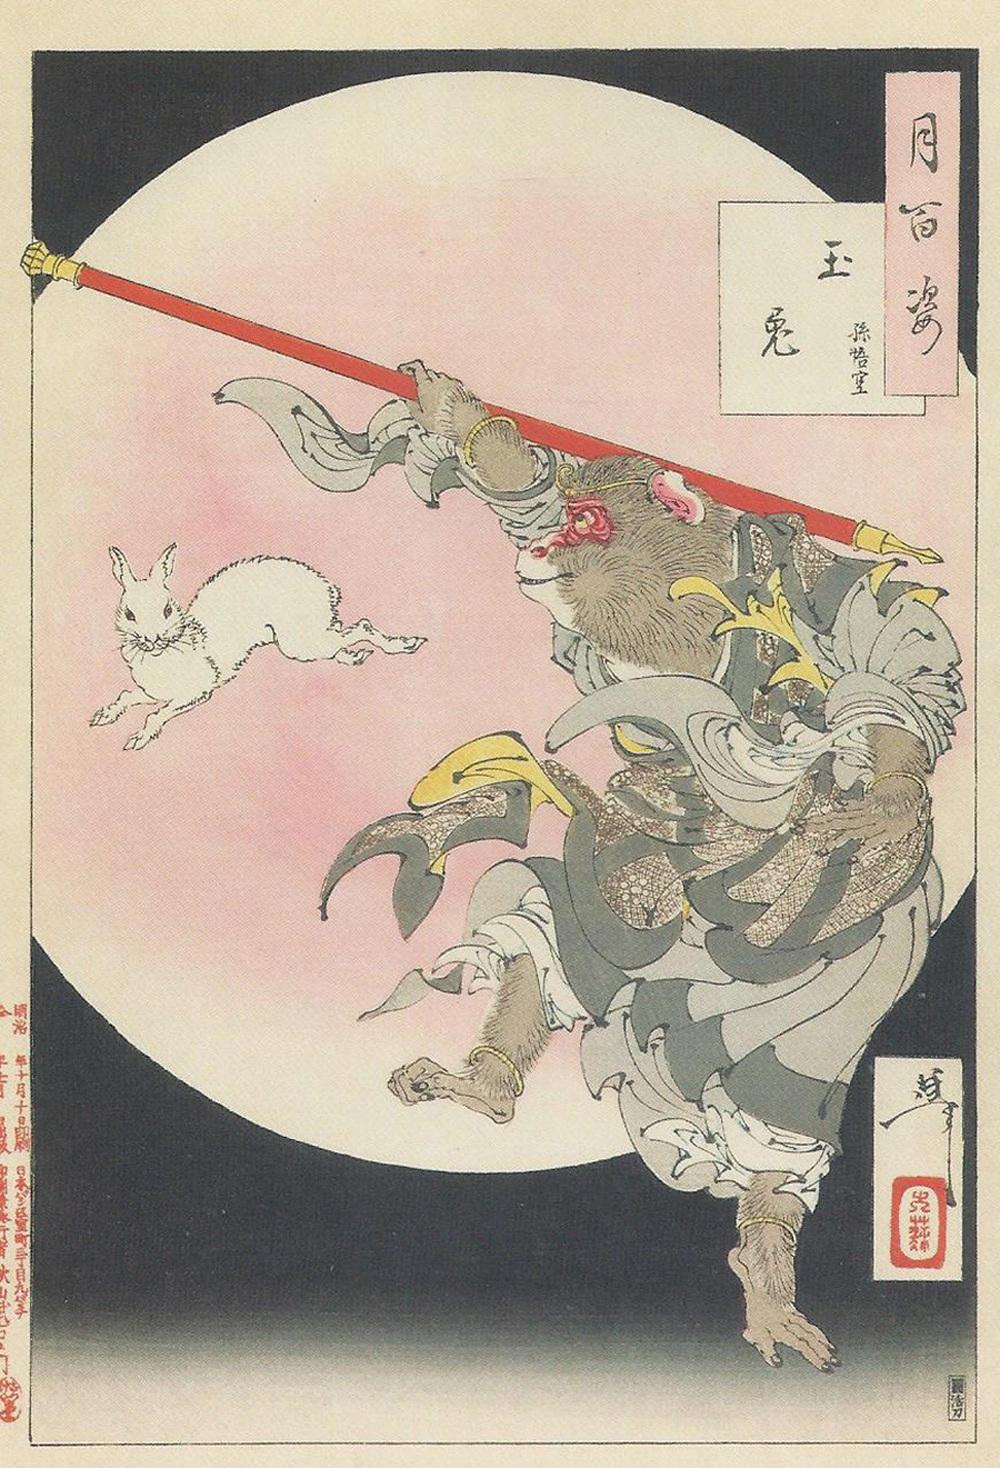 Woodblock by Tsukioka Yoshitoshi